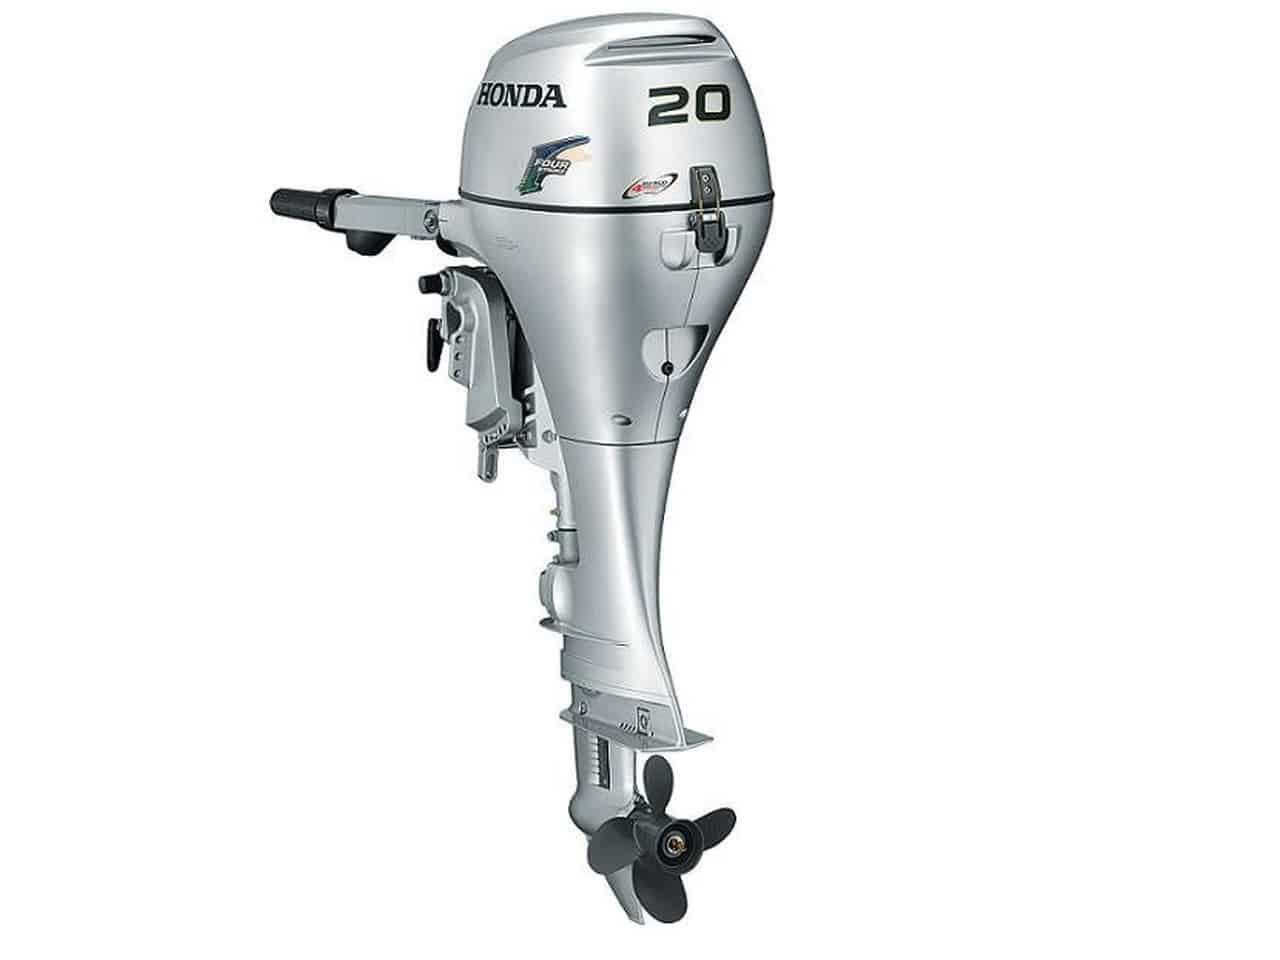 Paadimootor Honda 20hj